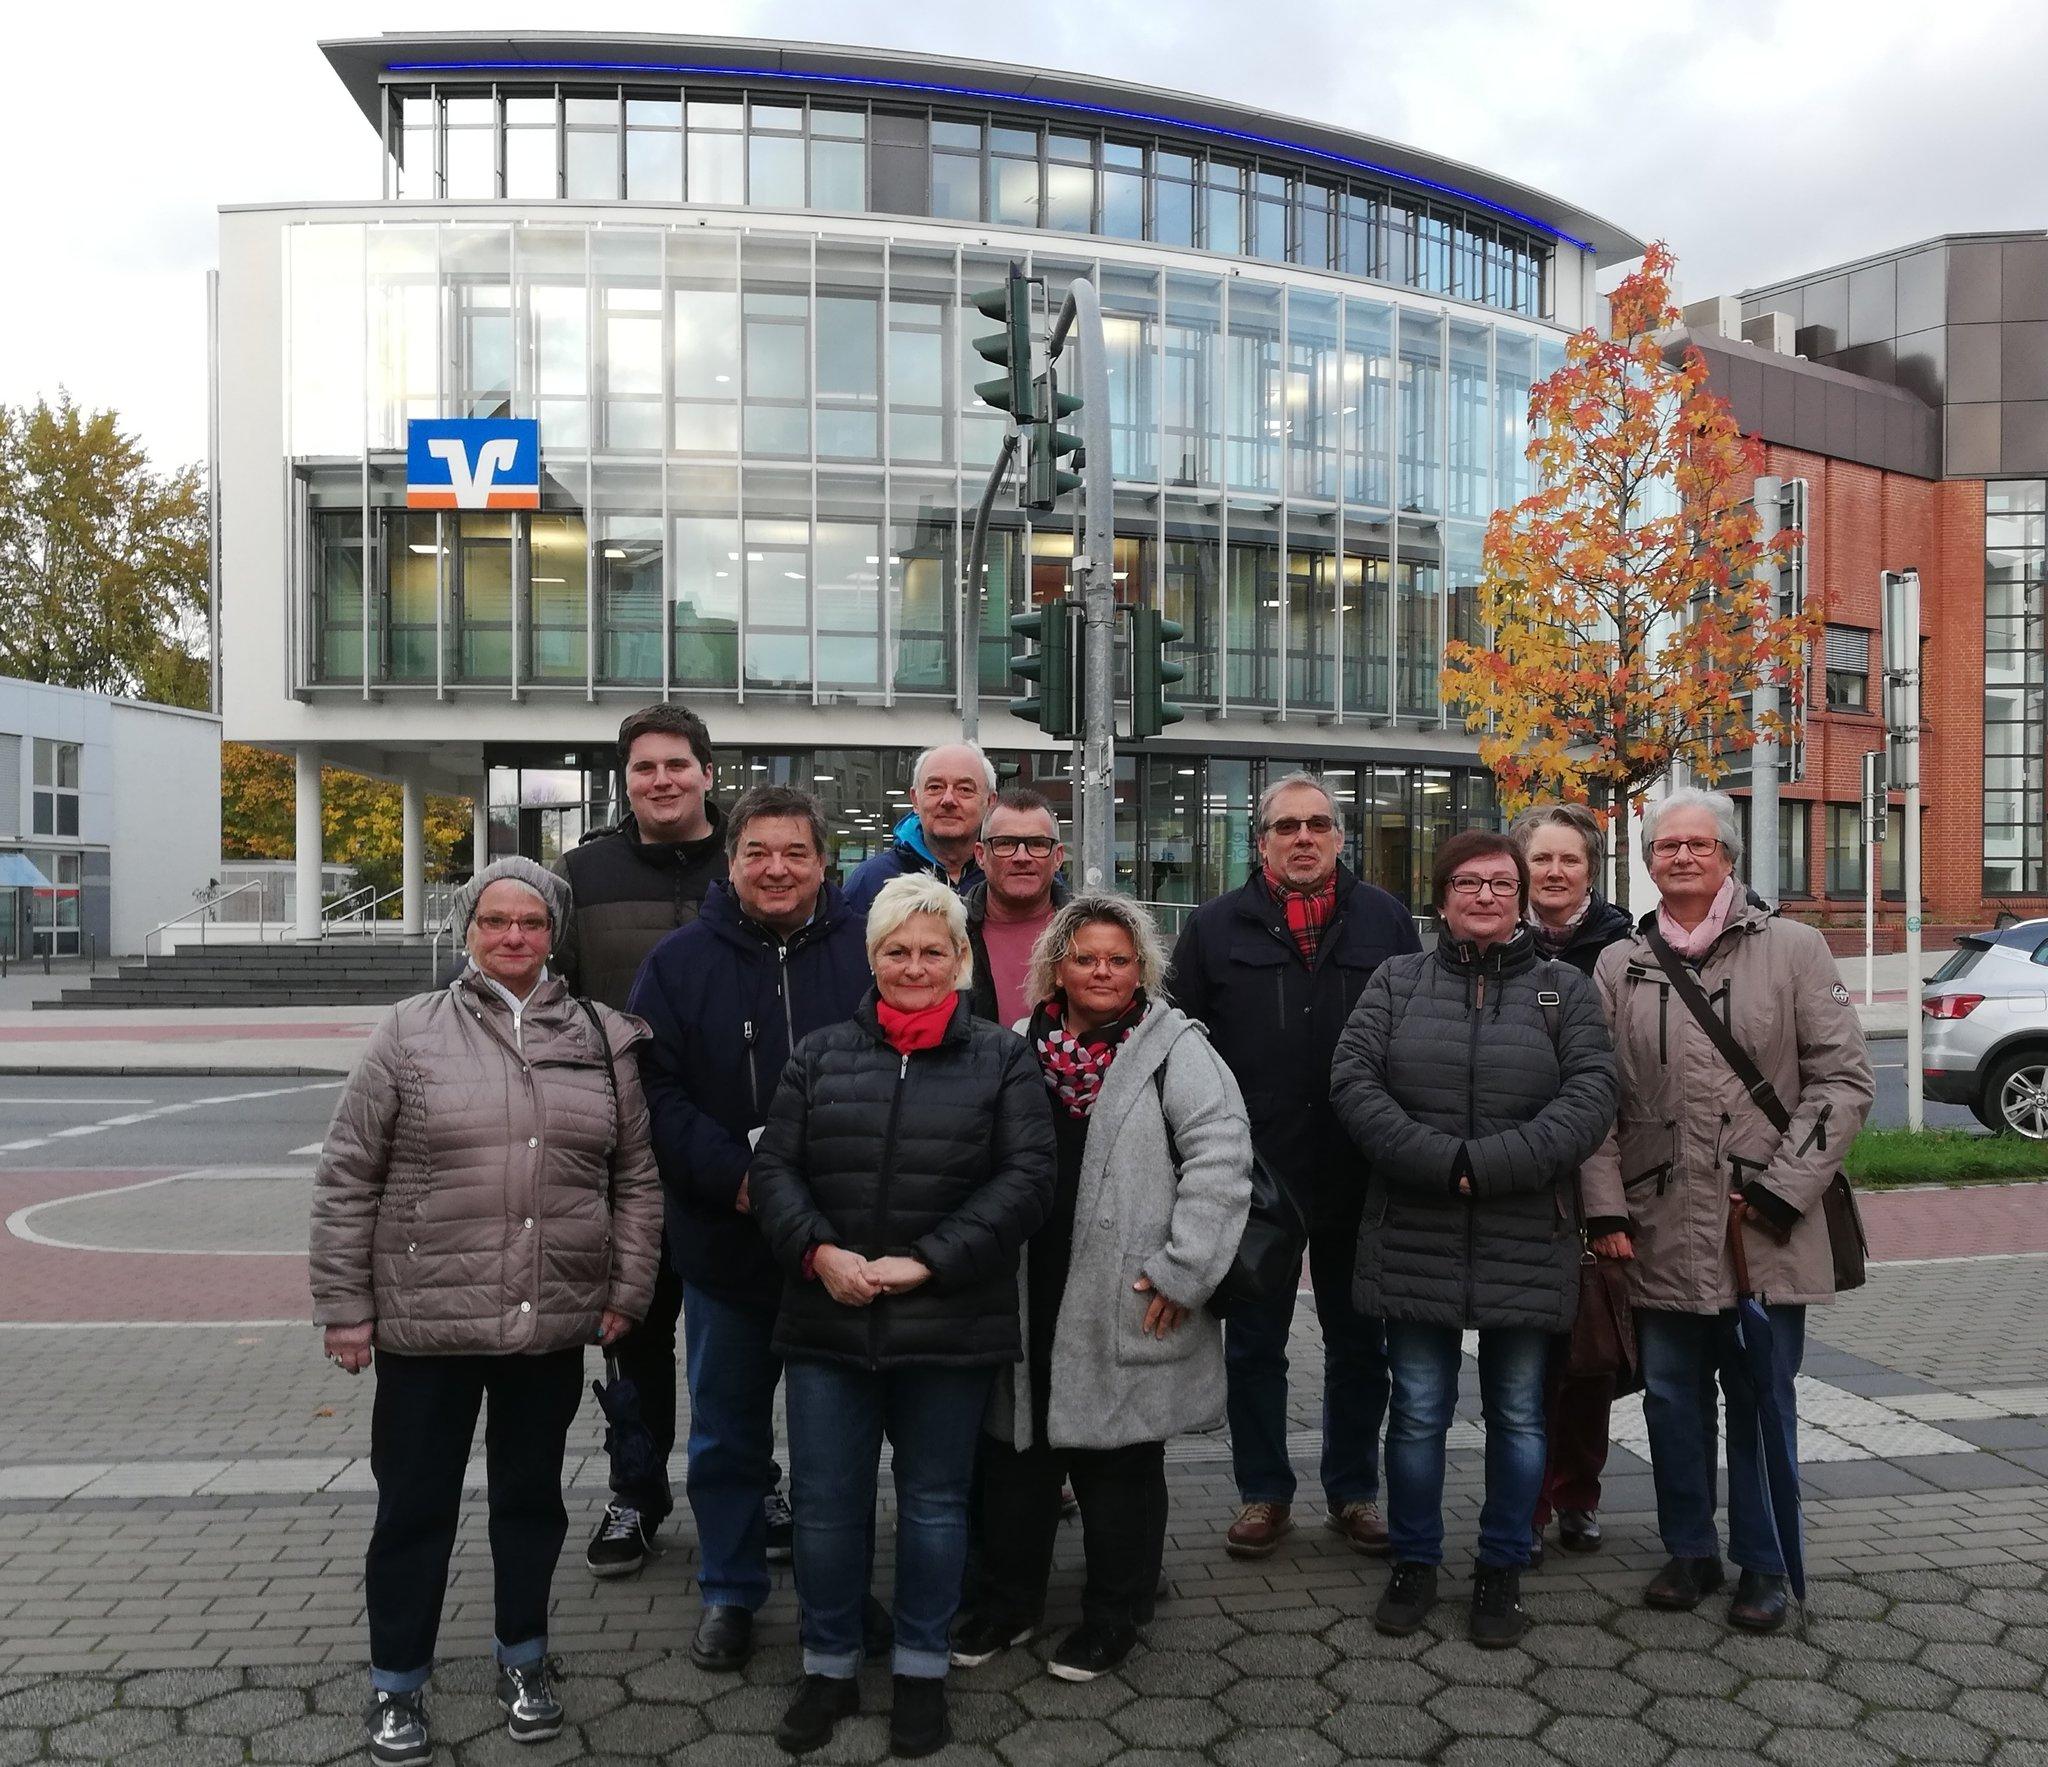 Marl: SPD Hüls überzeugt sich bei Spaziergang von Wandel im Stadtteil - Marl - Lokalkompass.de